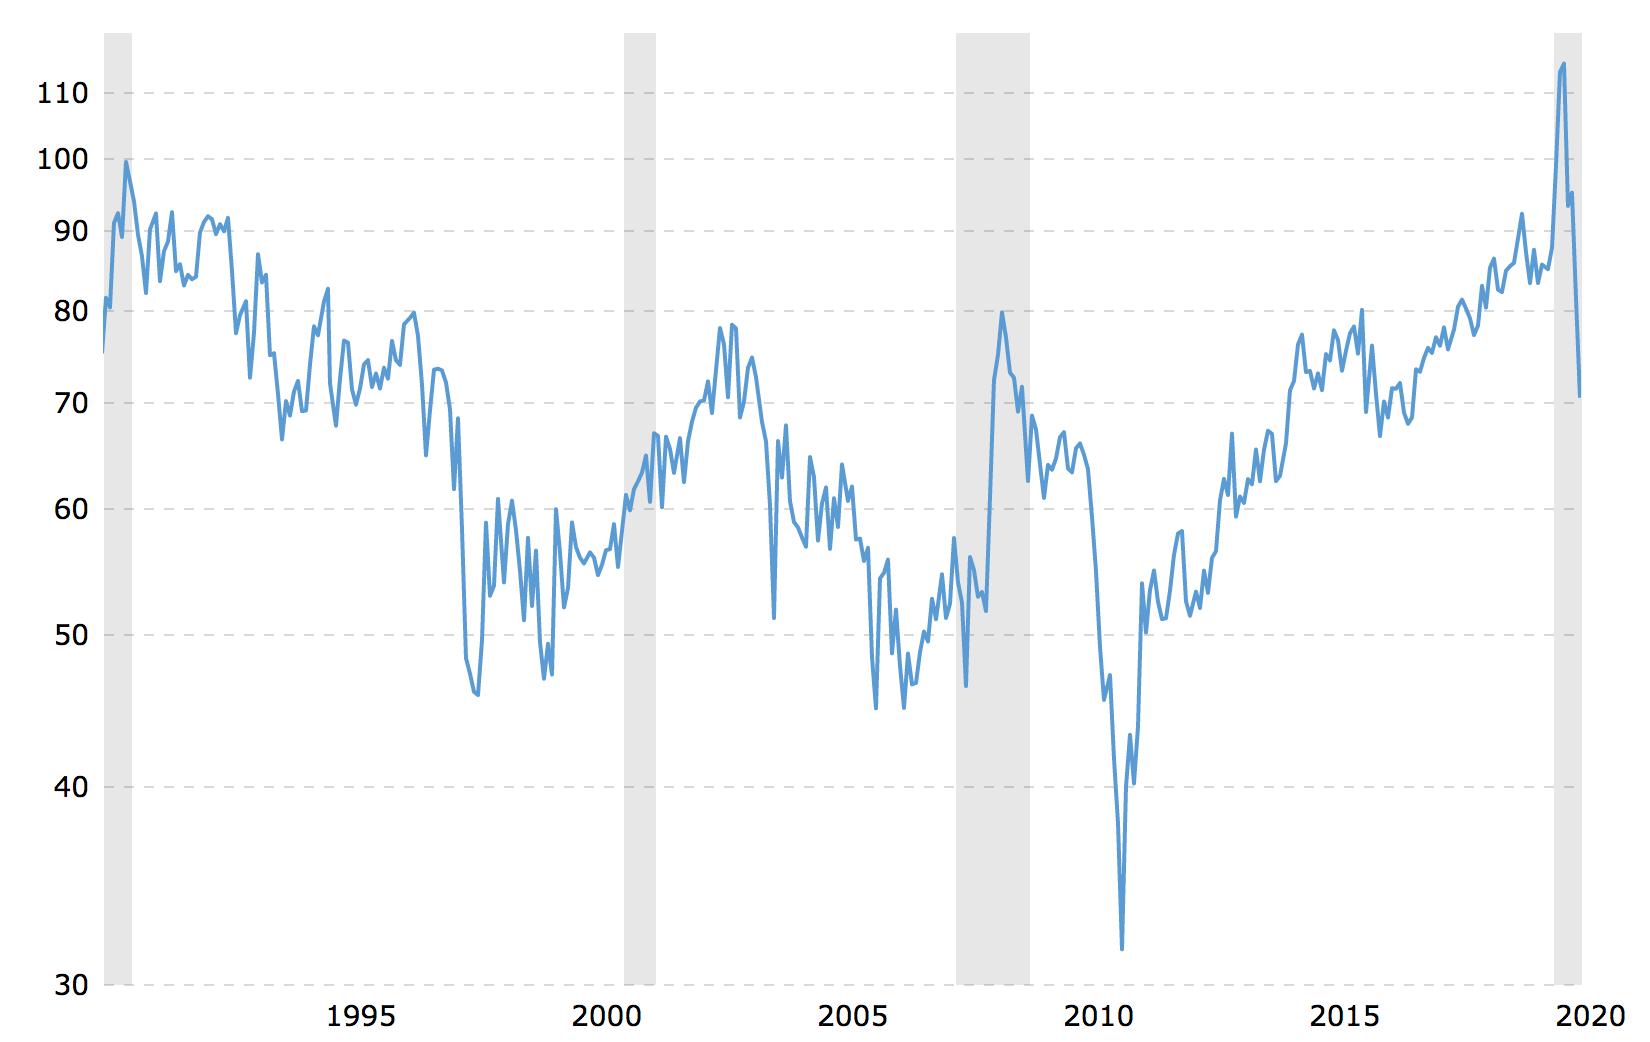 Kulla ja hõbeda hindade ajalooline vahe 1990-2020 perioodil on kõikunud 30-110 vahel (st 30-110 untsi hõbedat 1 untsi kulla eest). Anomaaliad välja arvatud on sama trend püsinud ligi sada aastat.